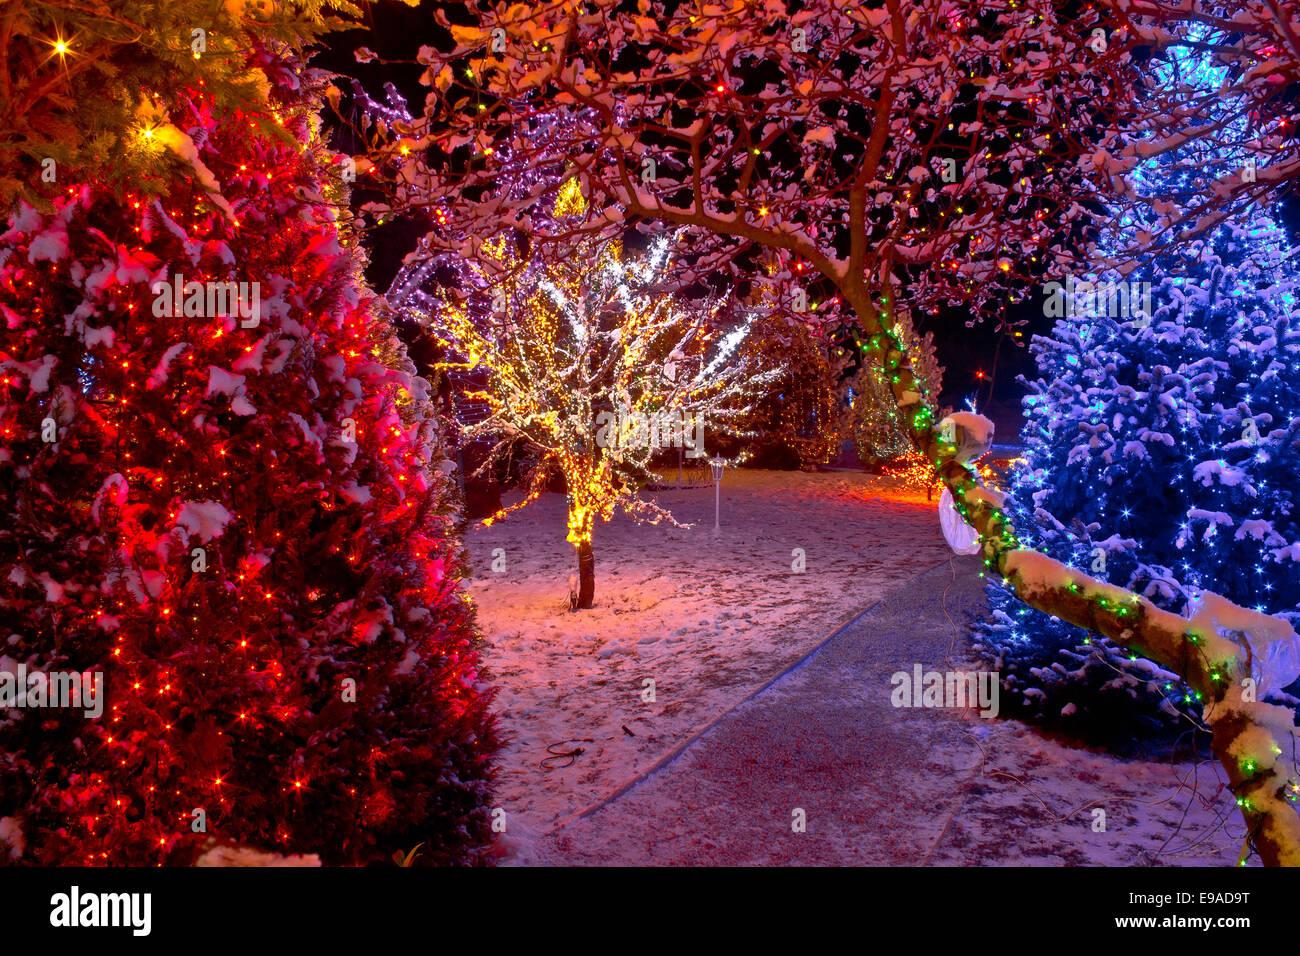 bunte weihnachtsbeleuchtung auf b umen stockfoto bild 74603364 alamy. Black Bedroom Furniture Sets. Home Design Ideas